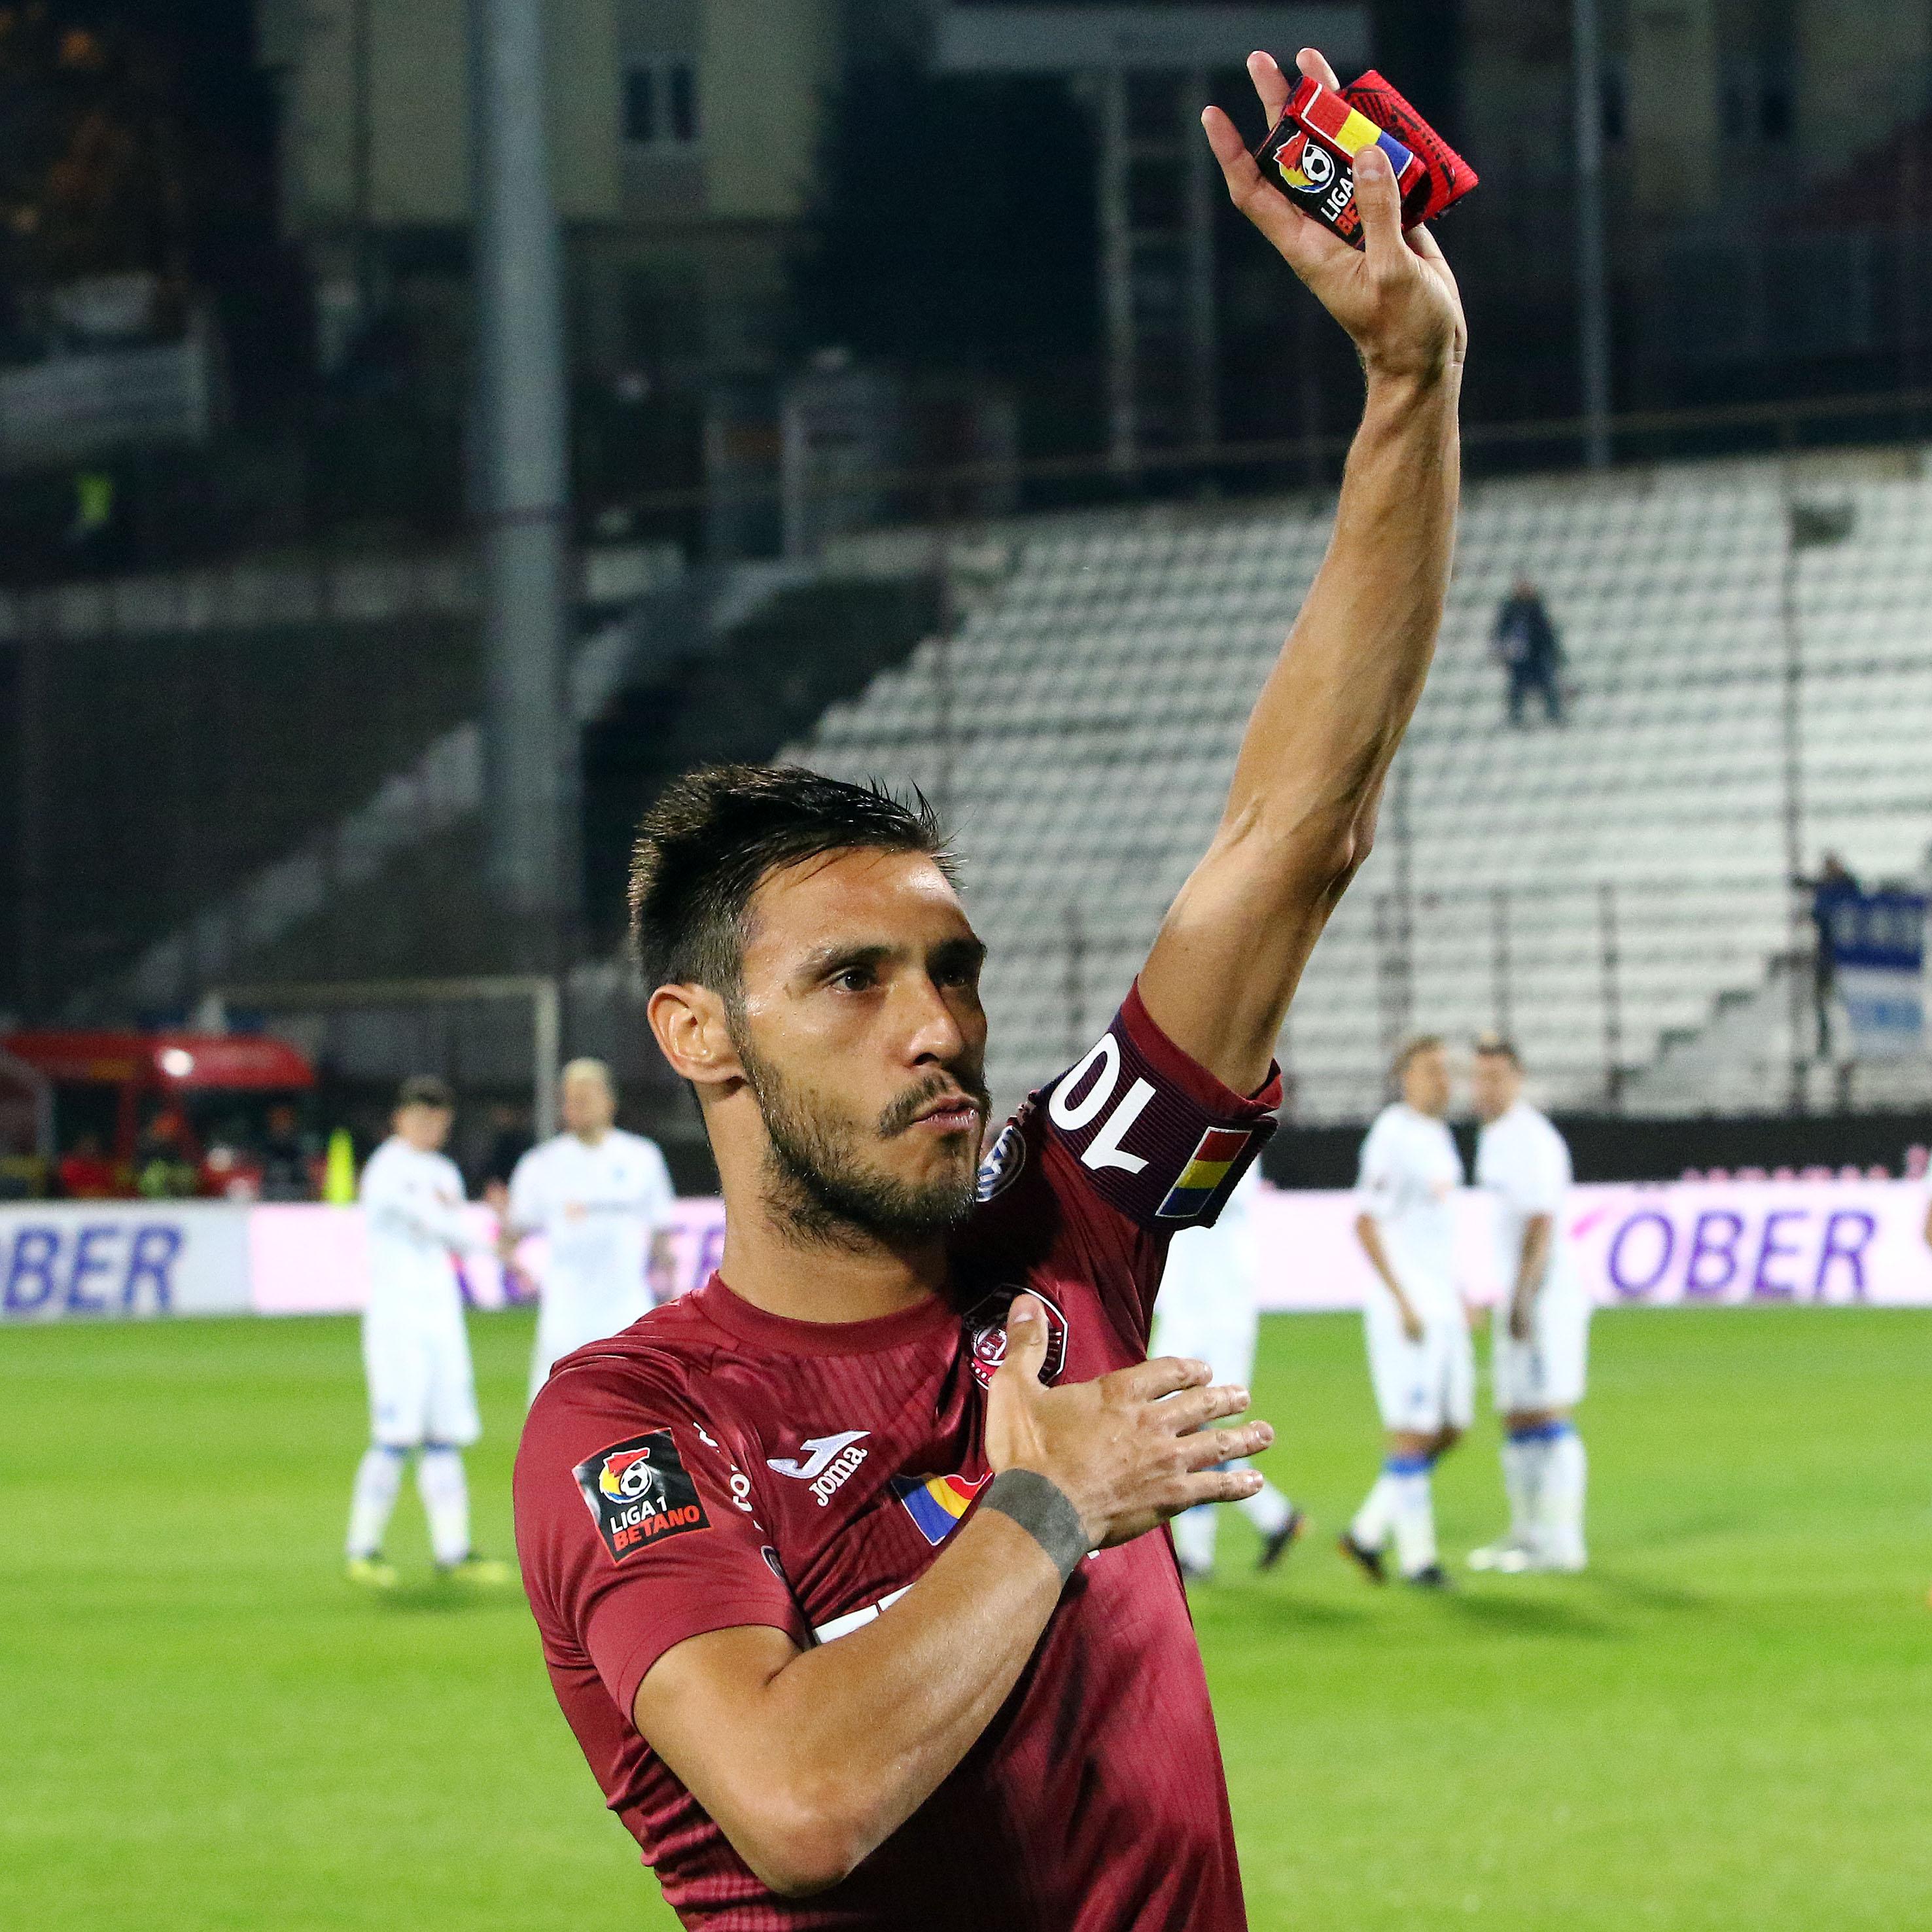 Căpitanul Mario Camora salută publicul la finalul meciului CFR Cluj - U Craiova